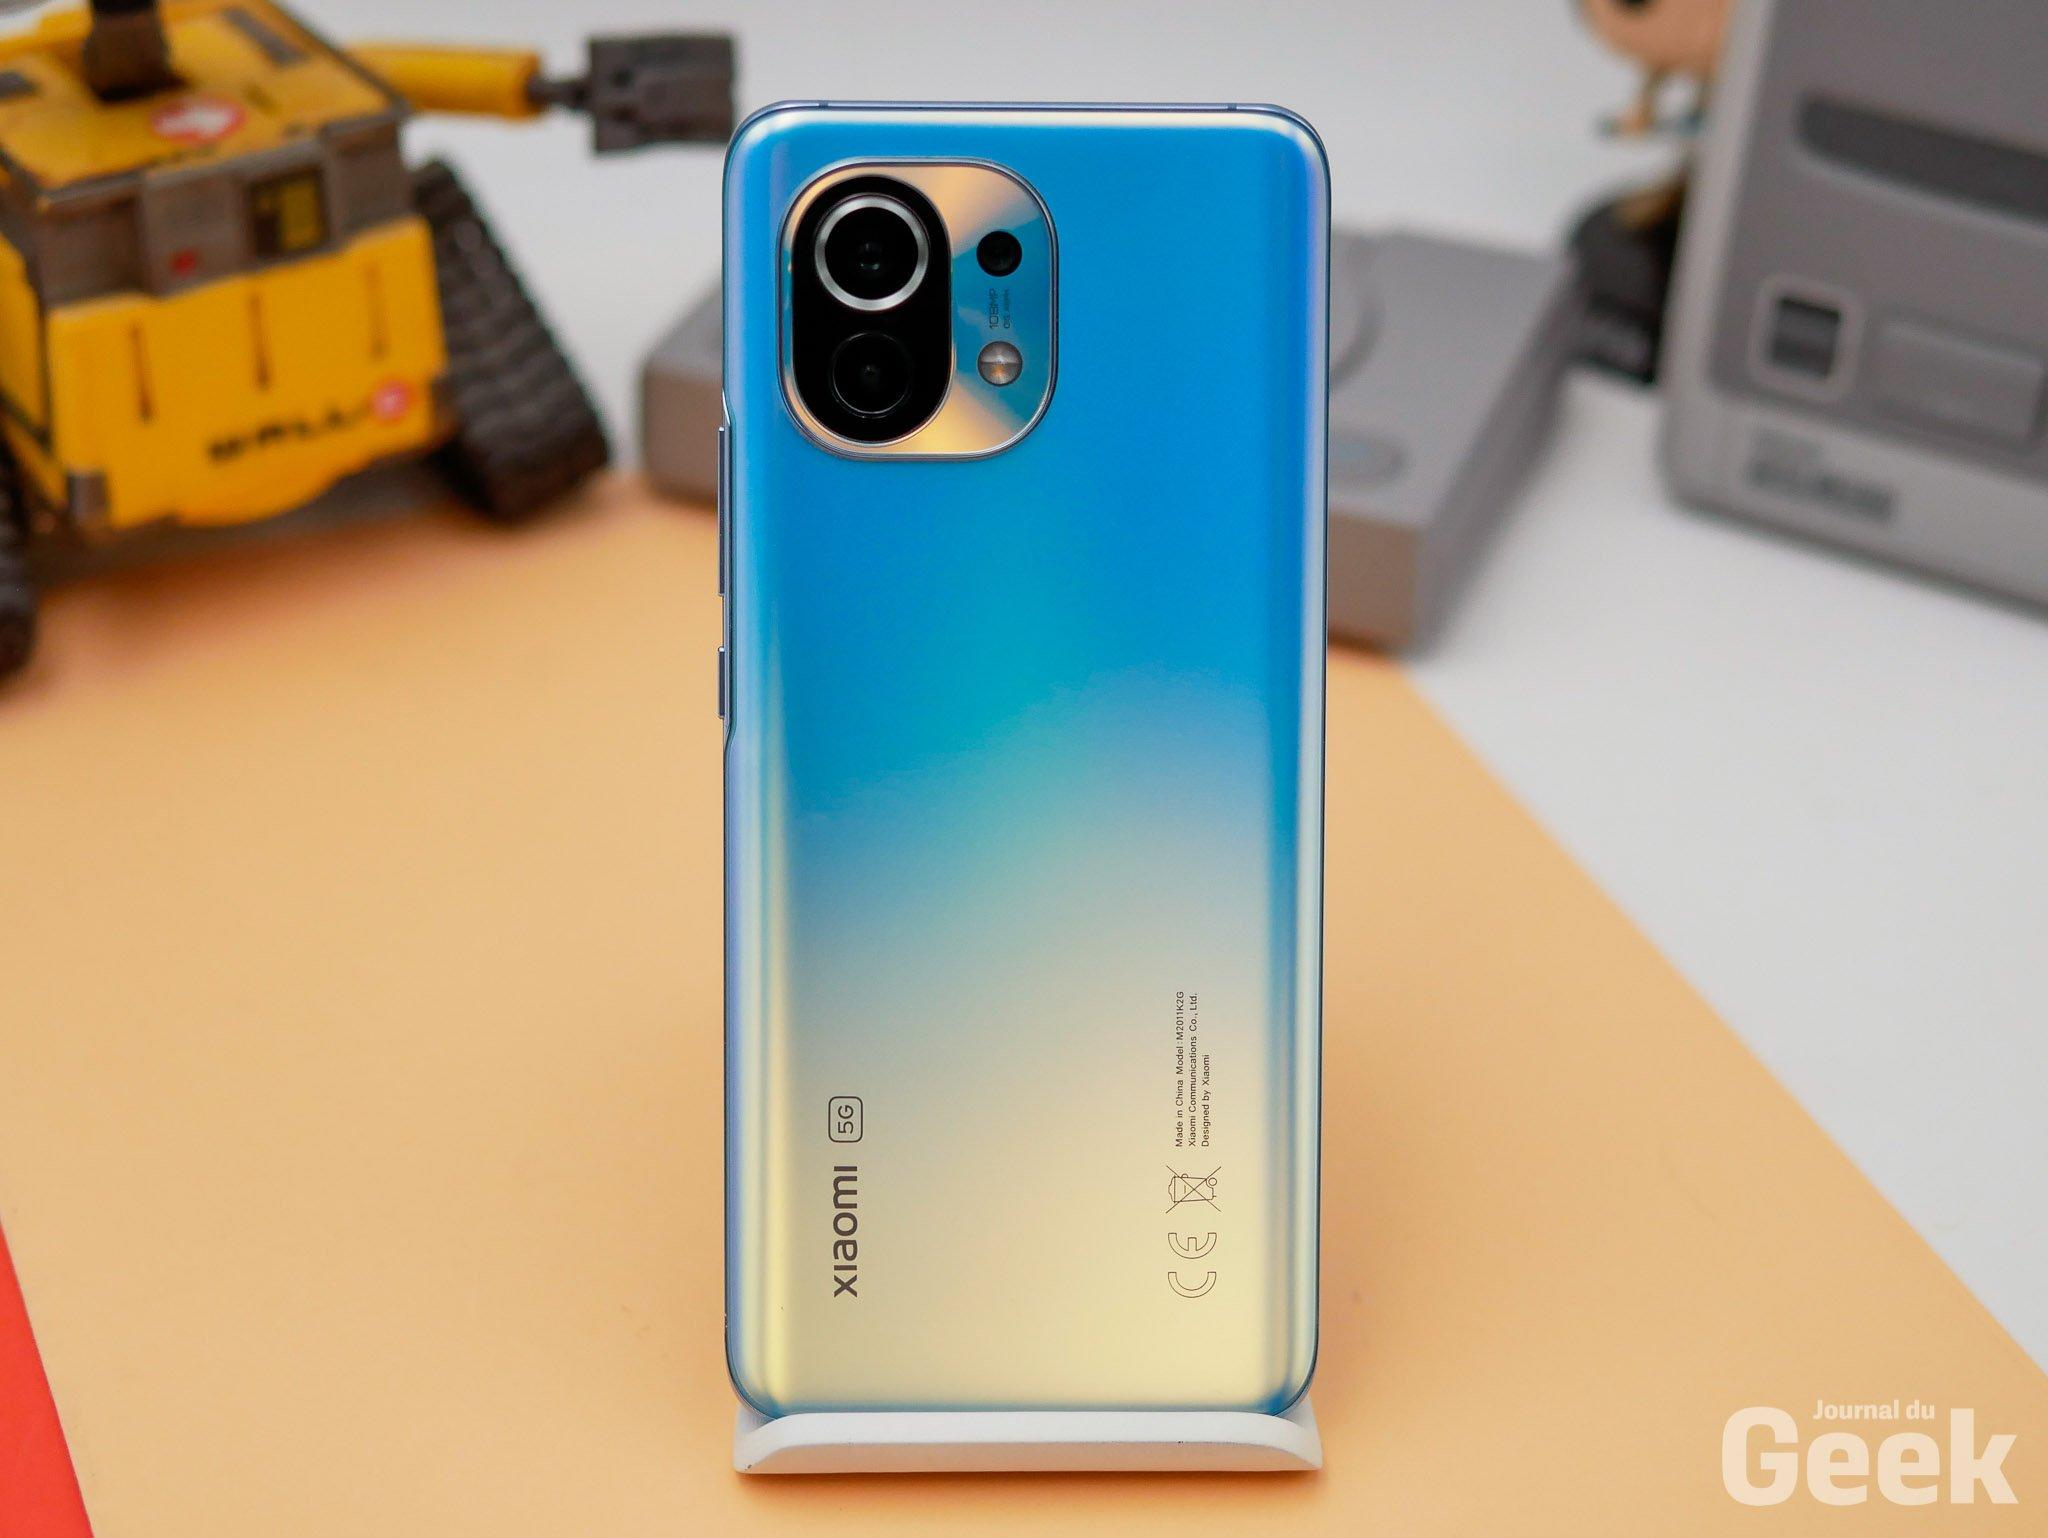 [Test] Xiaomi Mi 11, tout d'un premium, sauf son prix - Journal du geek